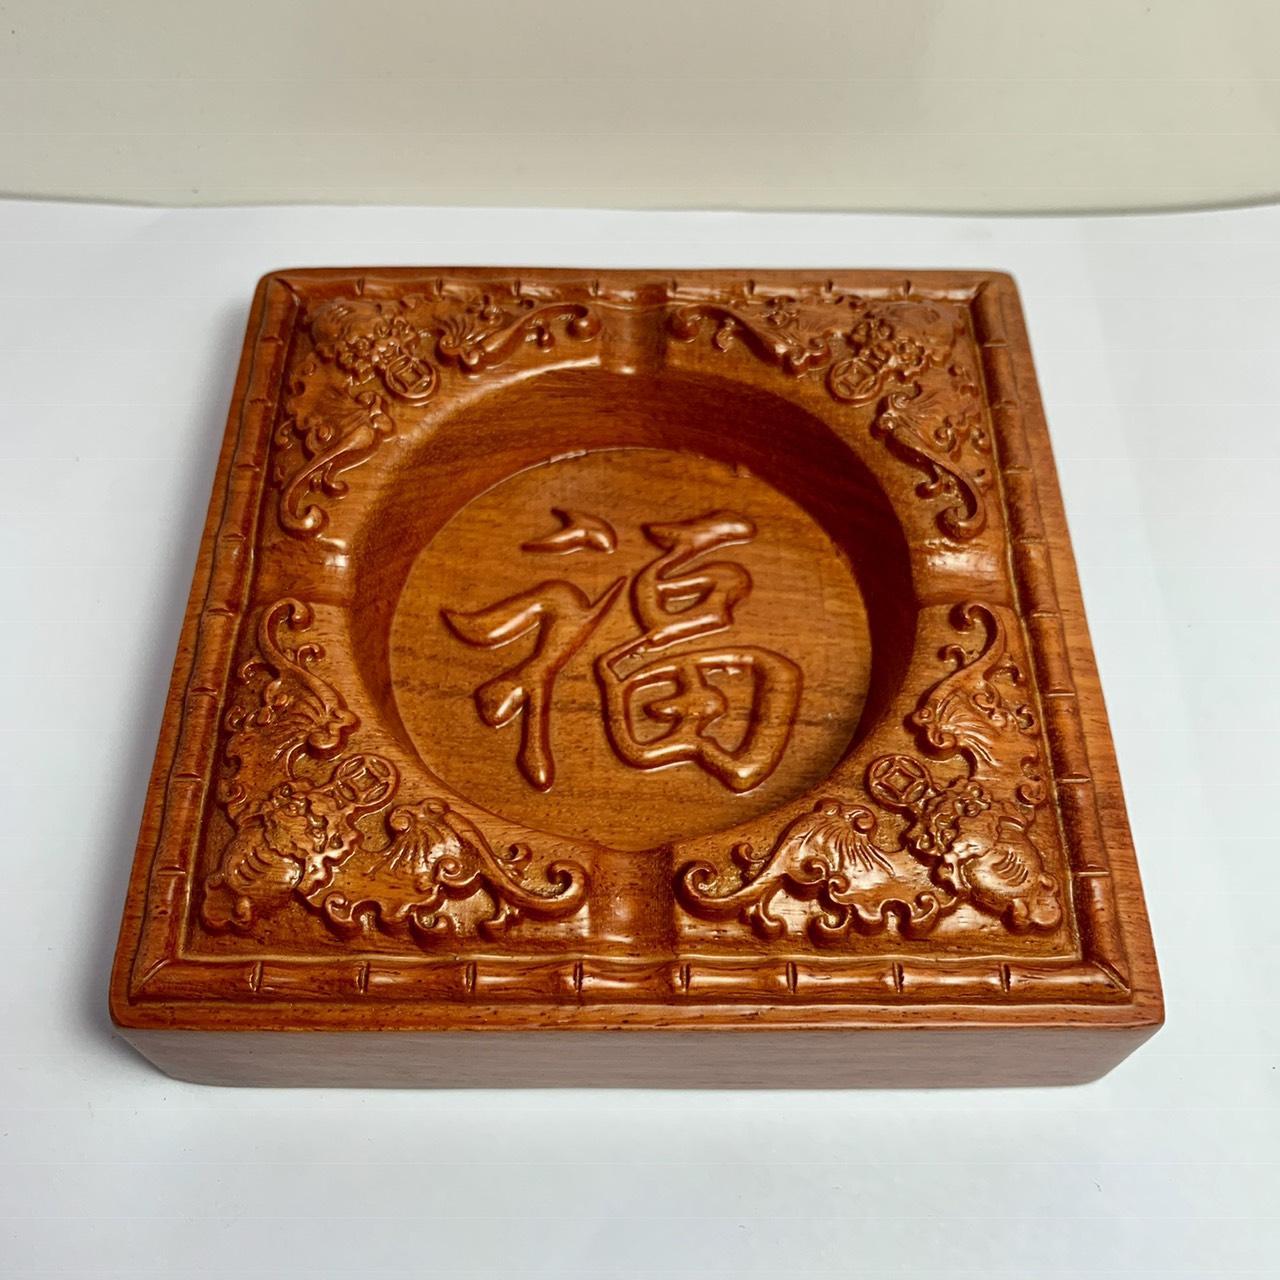 Gạt tàn thuốc gỗ hương đỏ i mặt chạm chữ phong thủy NK12 (13 cm x 13 cm x 3,5cm )